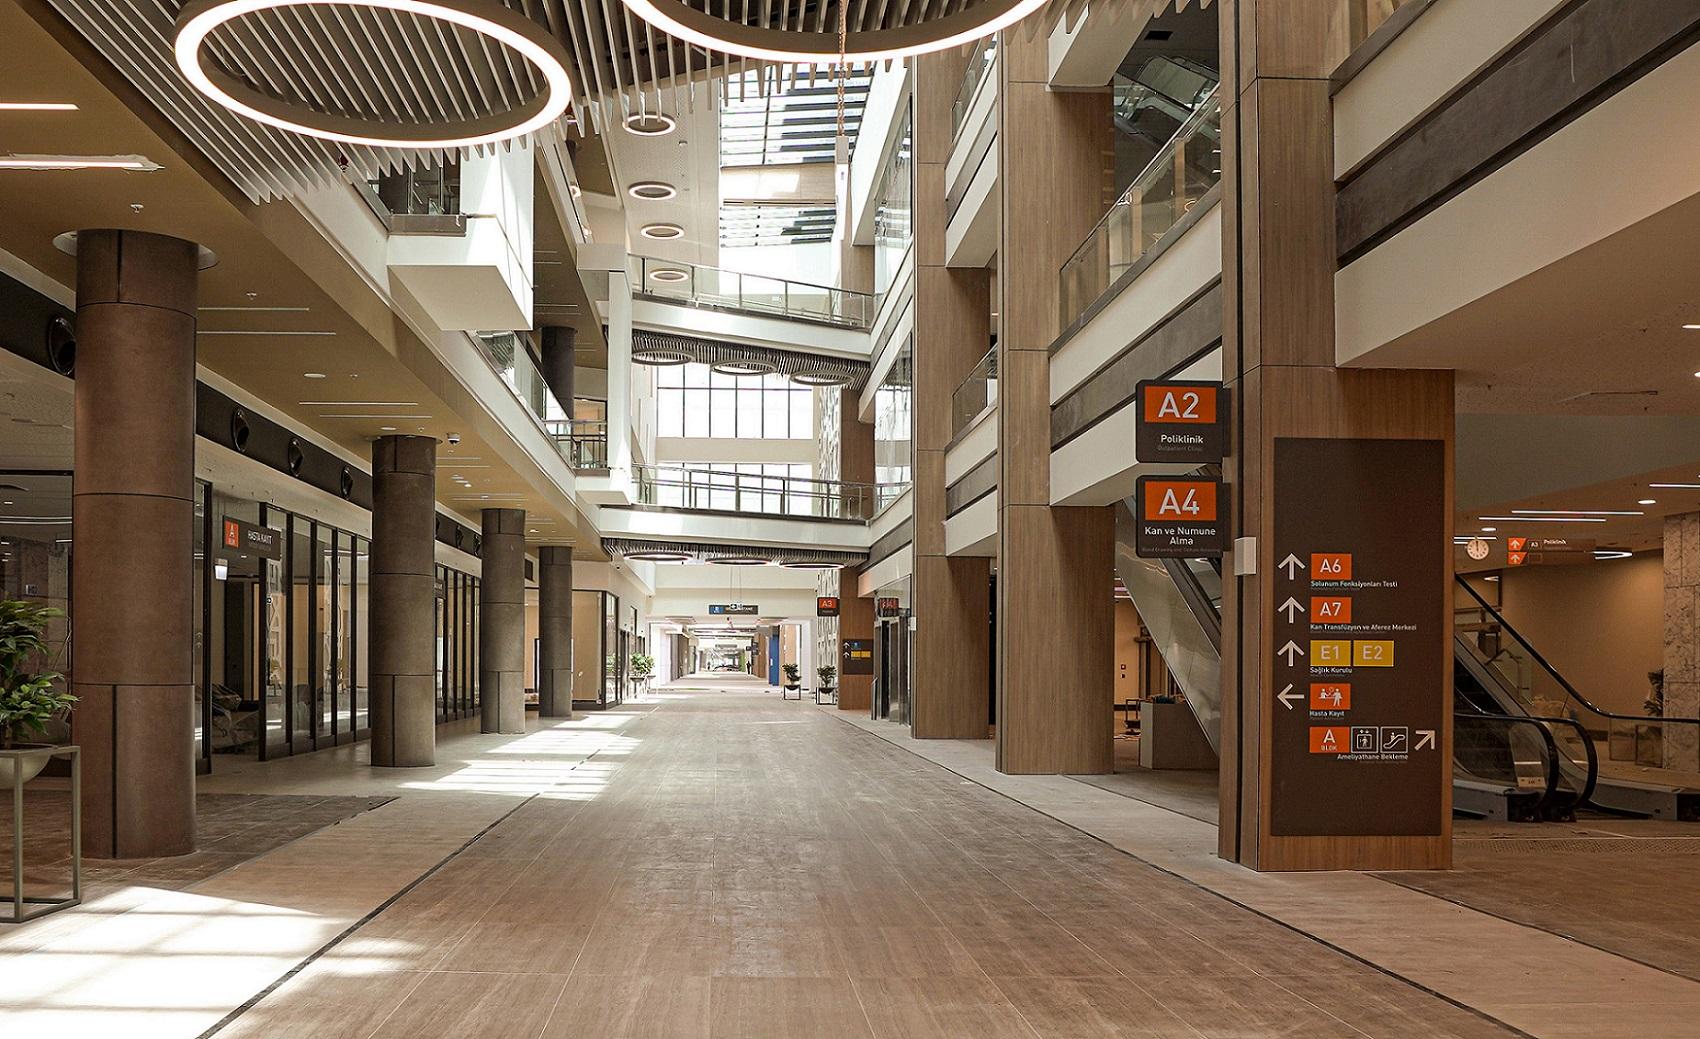 Kig igennem et atrie med ovenlys og markante søjler. Til højre er der skiltning ifm. en rulletrappe.